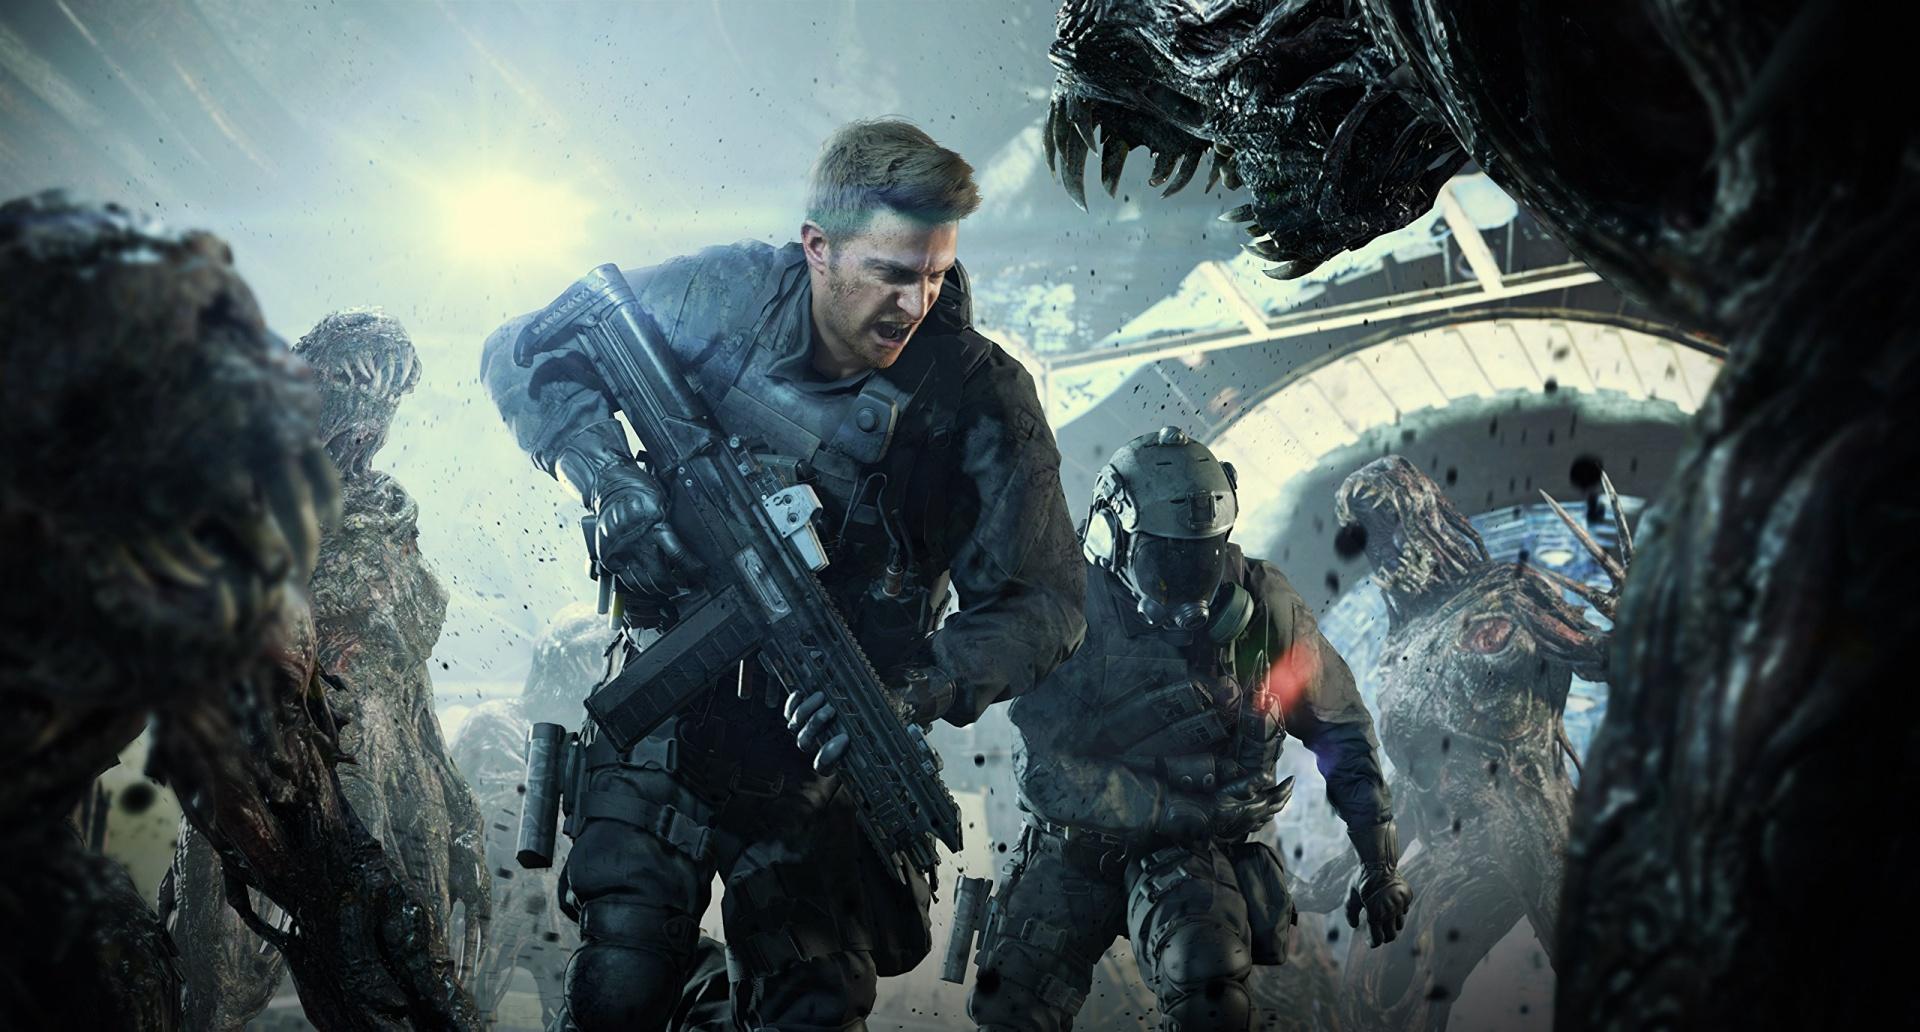 СМИ: Resident Evil8 с призраком и зомби может стать спин-оффом серии